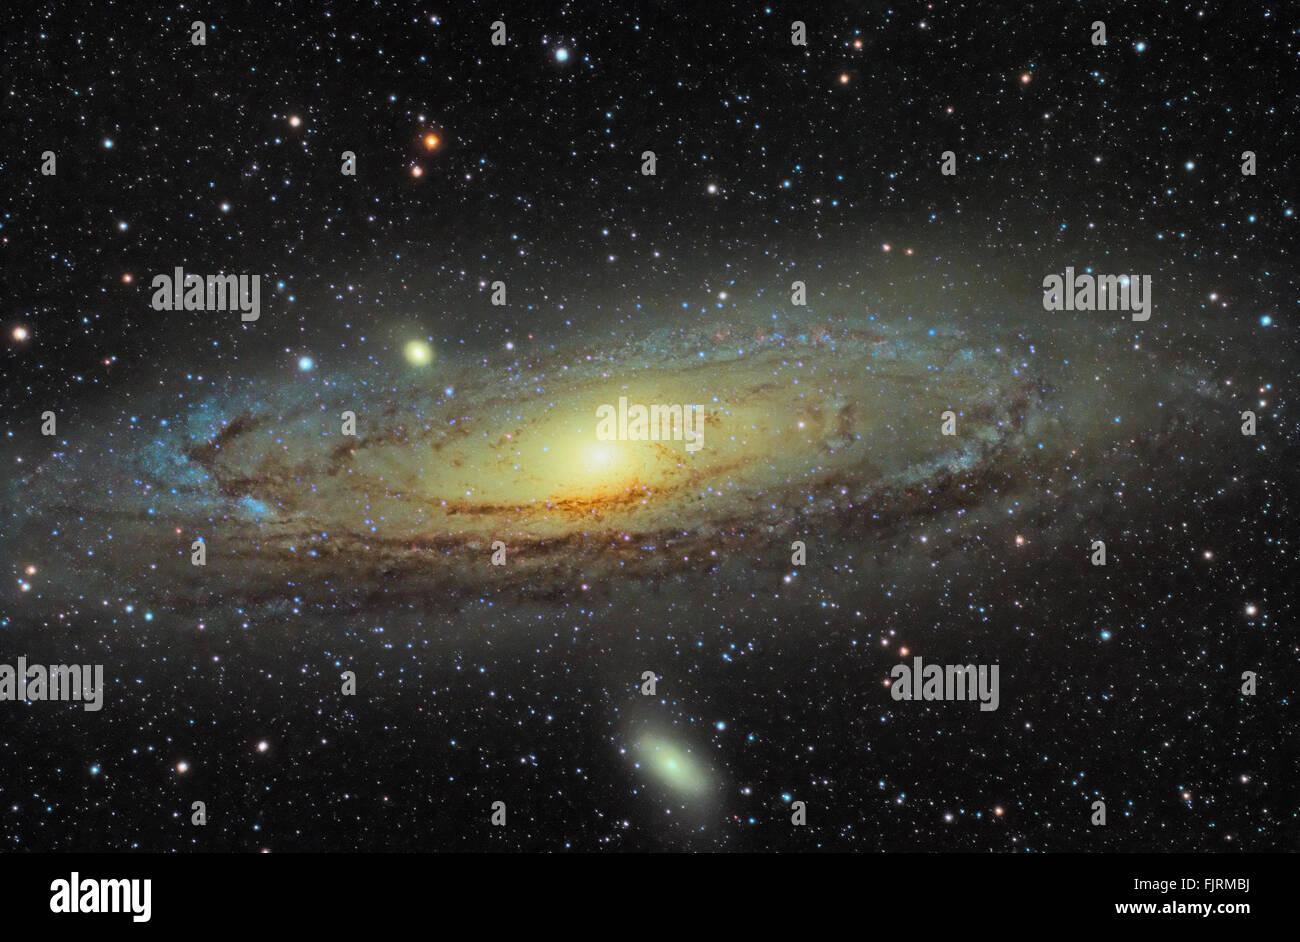 M31 Andromeda galaxy - Stock Image